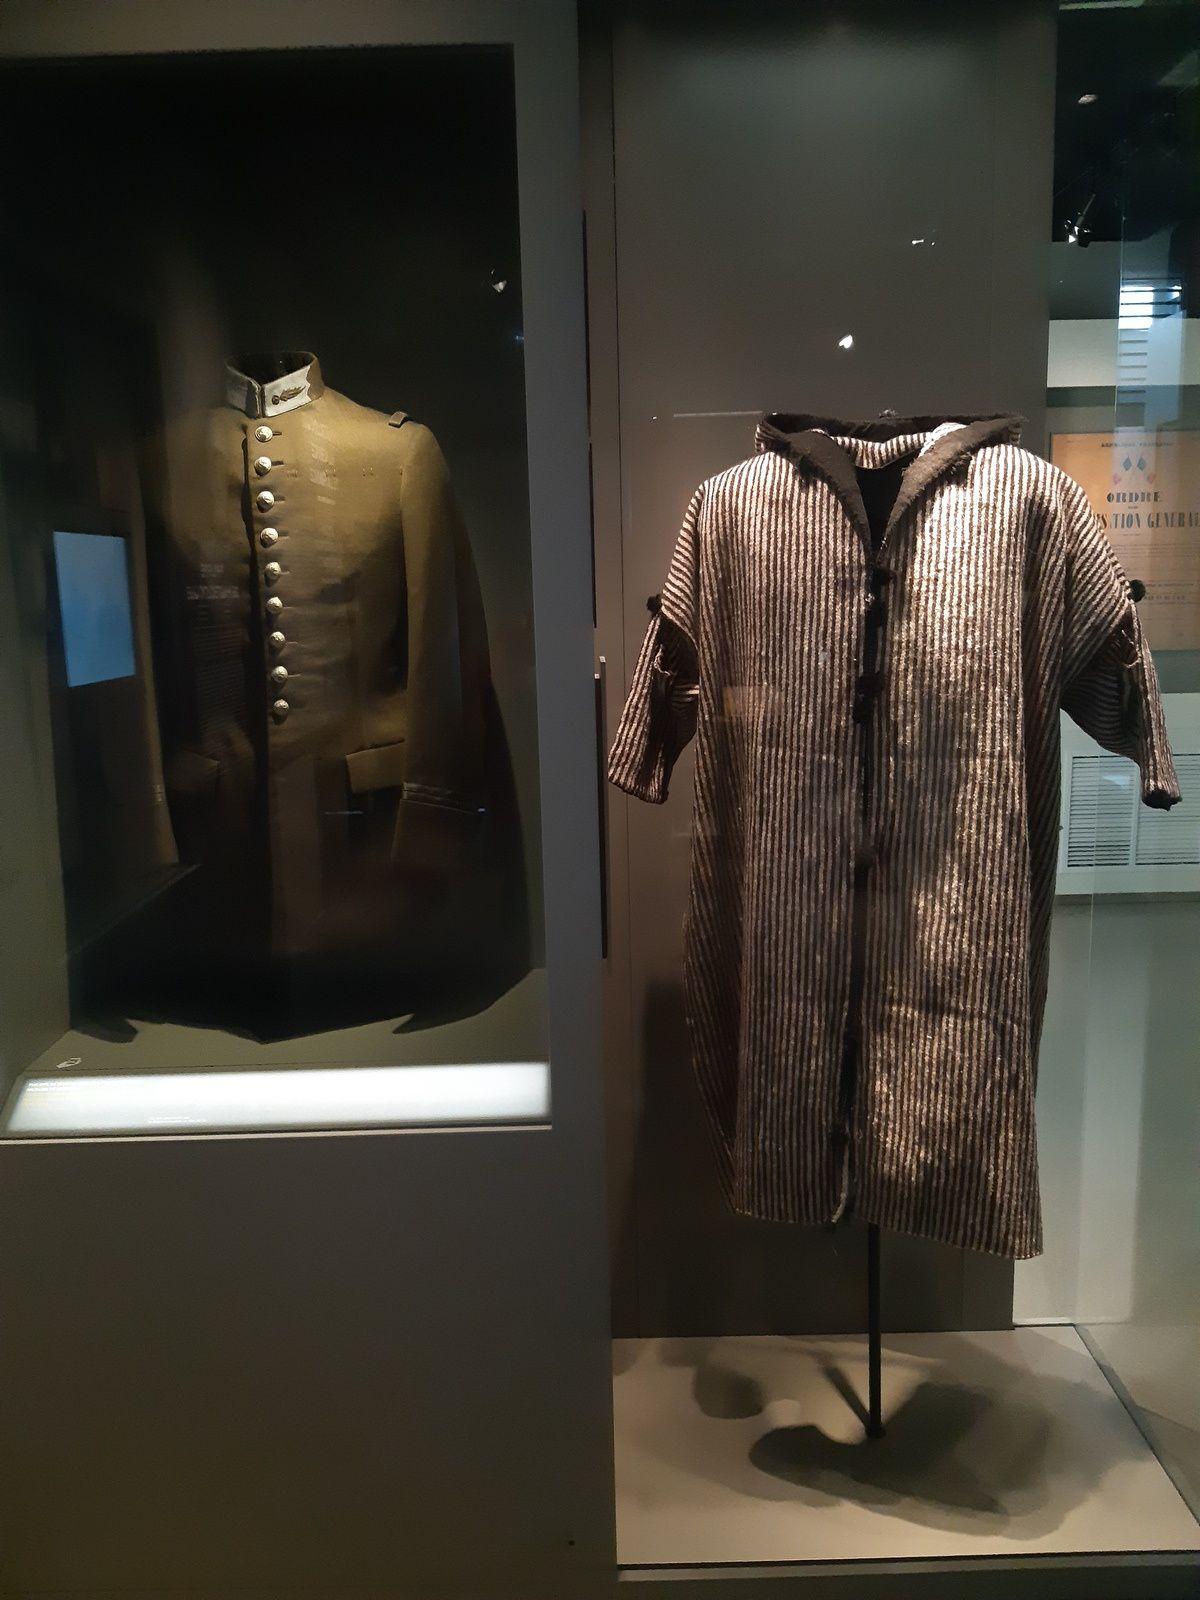 Un nouvel espace pour le Musée de la Libération de Paris - Musée du Général Leclerc - Musée Jean Moulin en plein cœur de Paris